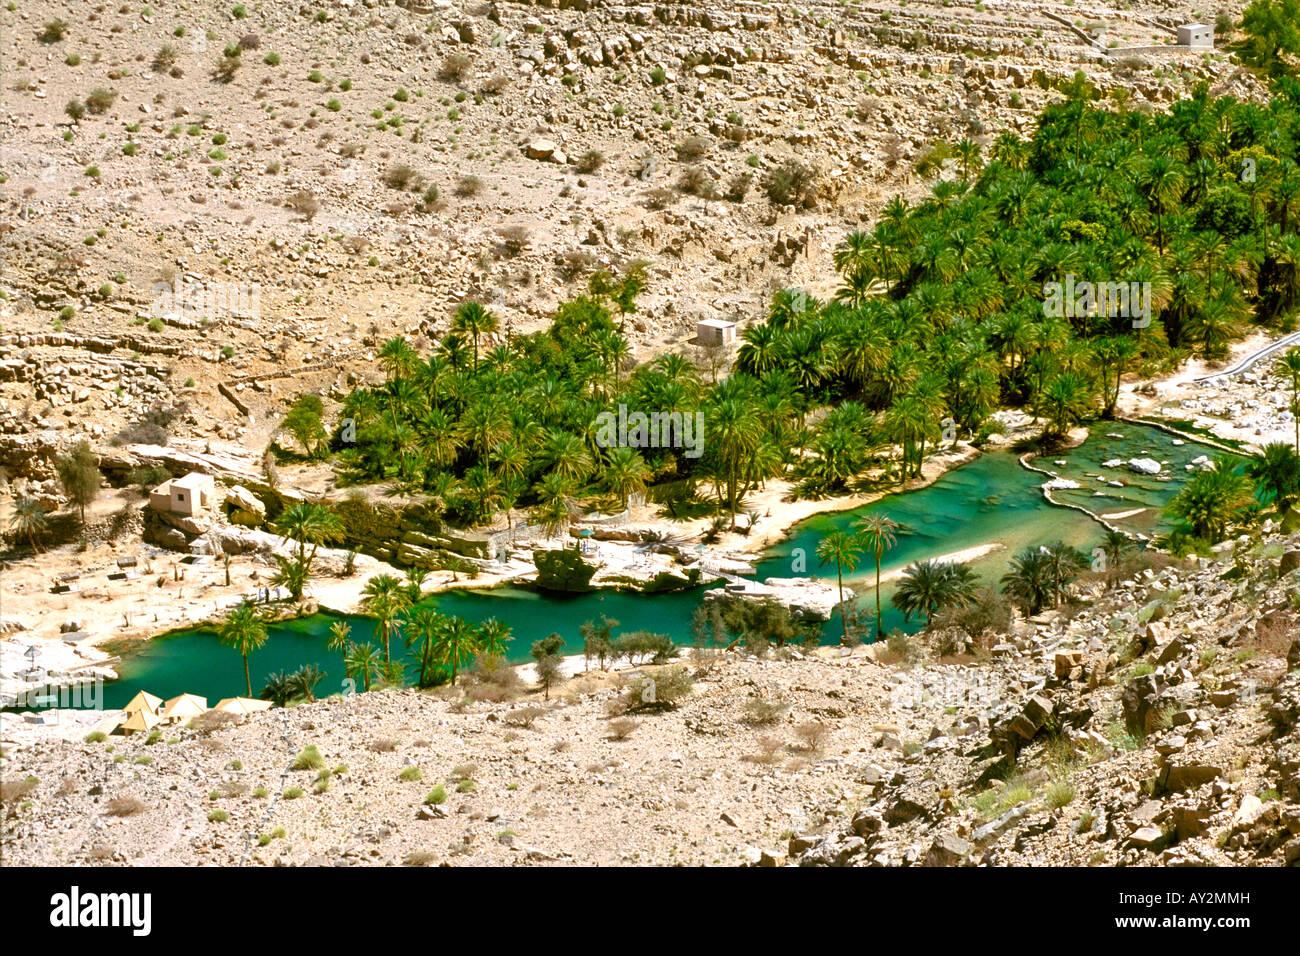 Les Dattiers et rock pools de Wadi Bani Khalid dans l'Est des montagnes Hajar d'Oman. Photo Stock